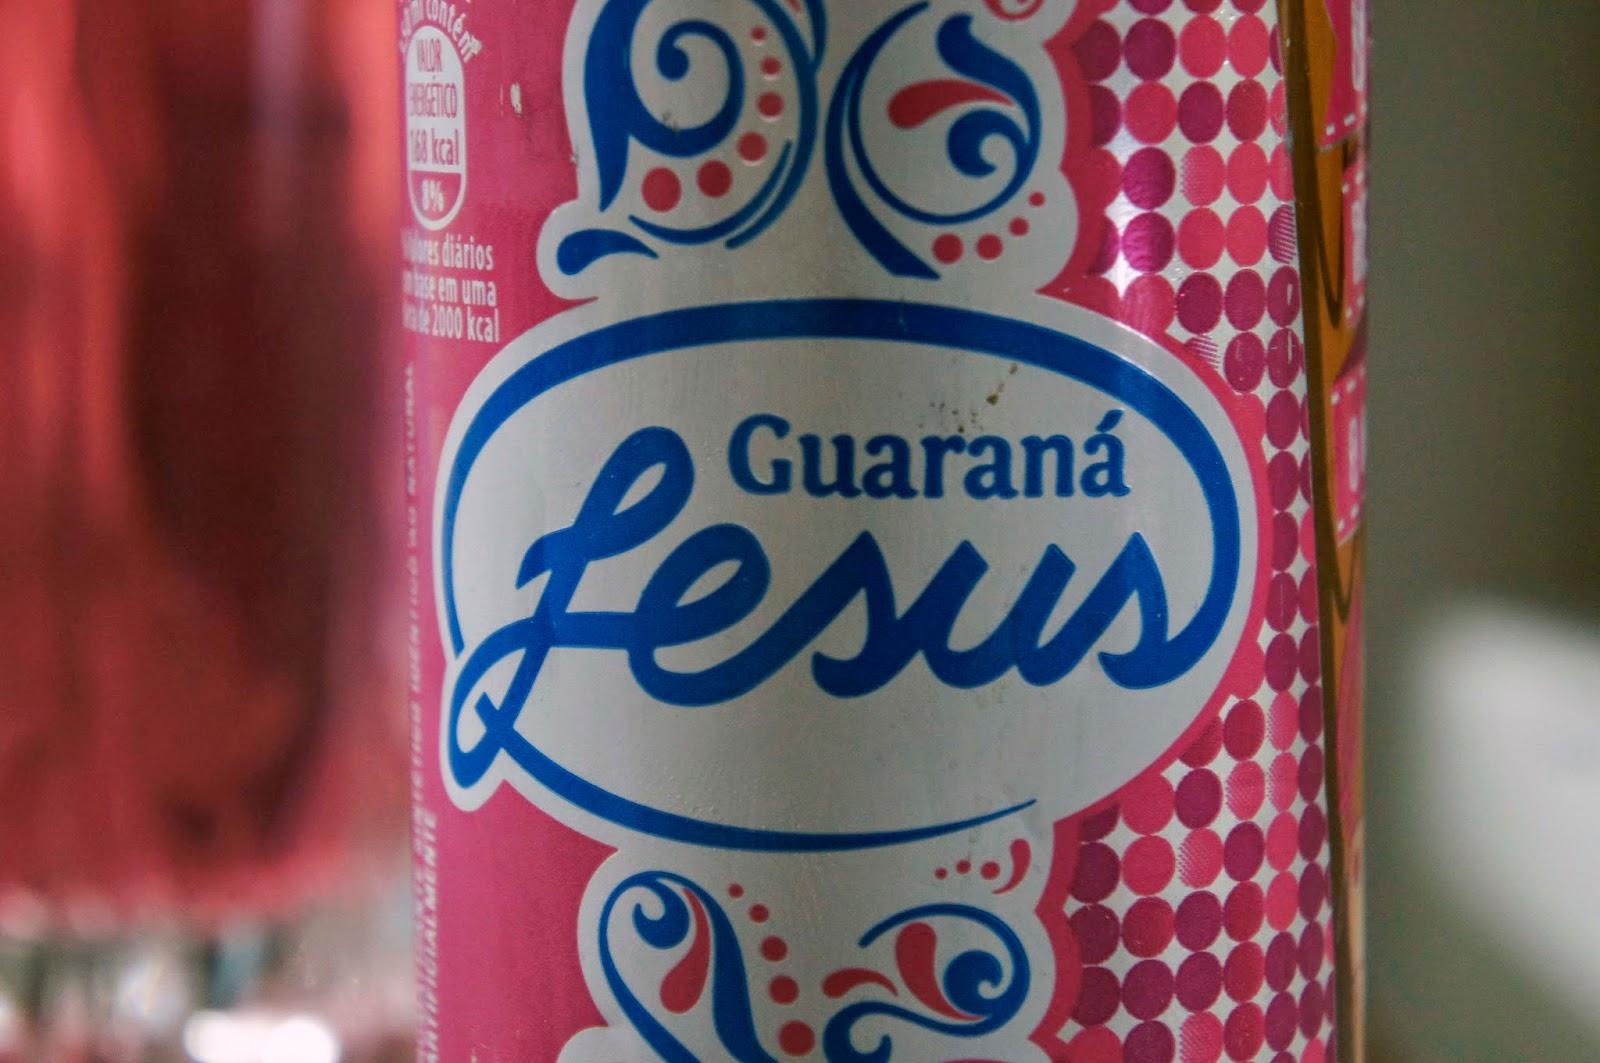 Guaraná Jesus: o refrigerante cor de rosa mais famoso do Brasil